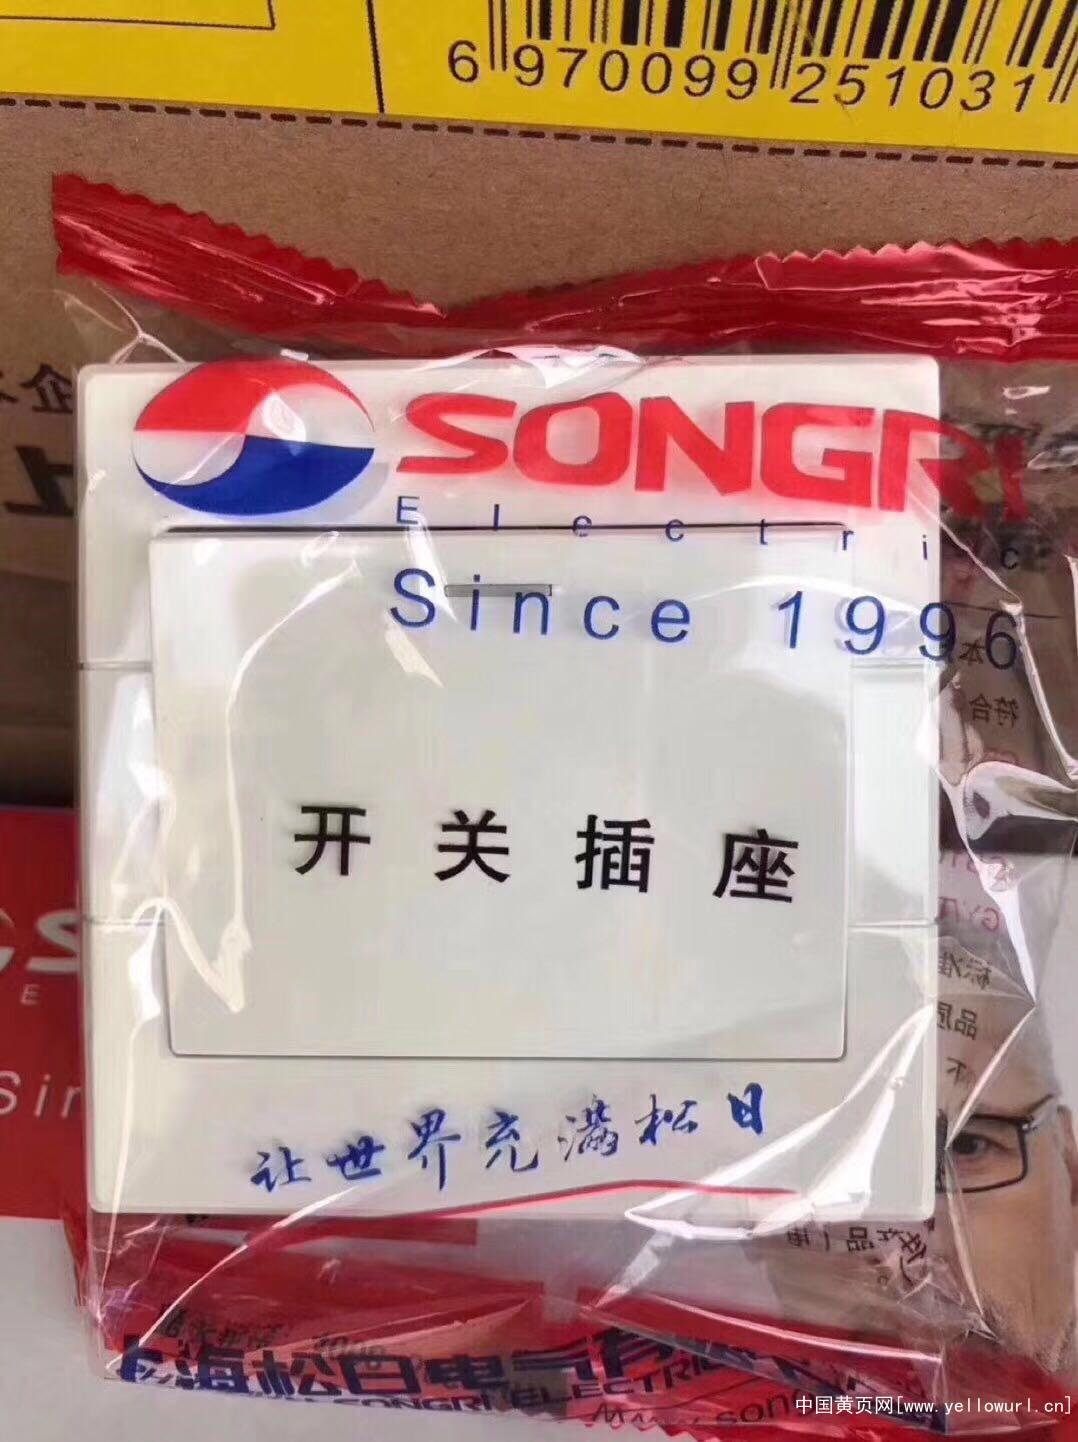 上海松日S1000工程款大一开关按钮 居民楼盘墙壁开关插座